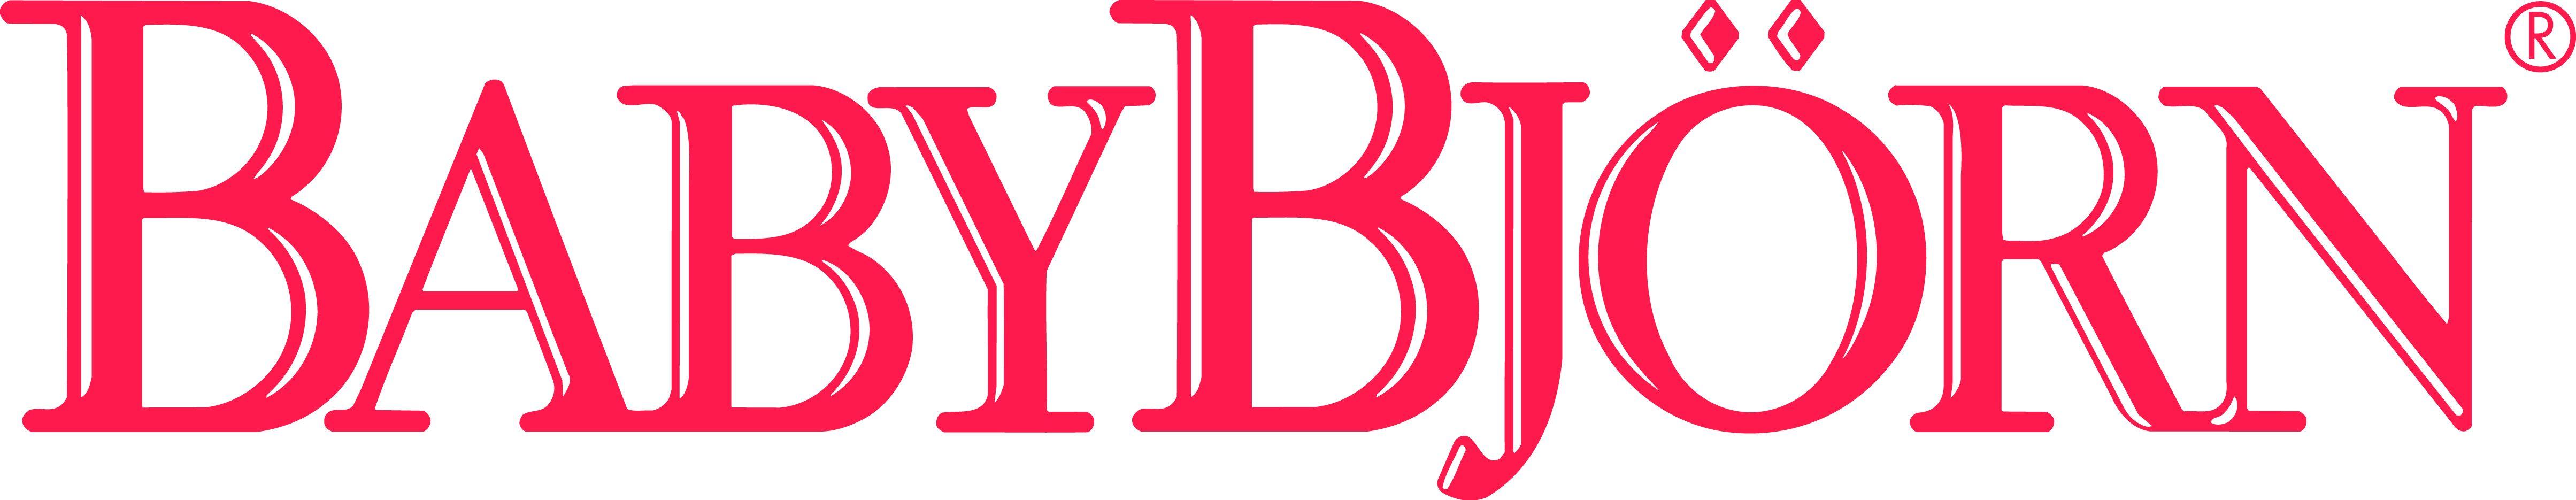 BabyBjörn.4C.7900C_logo